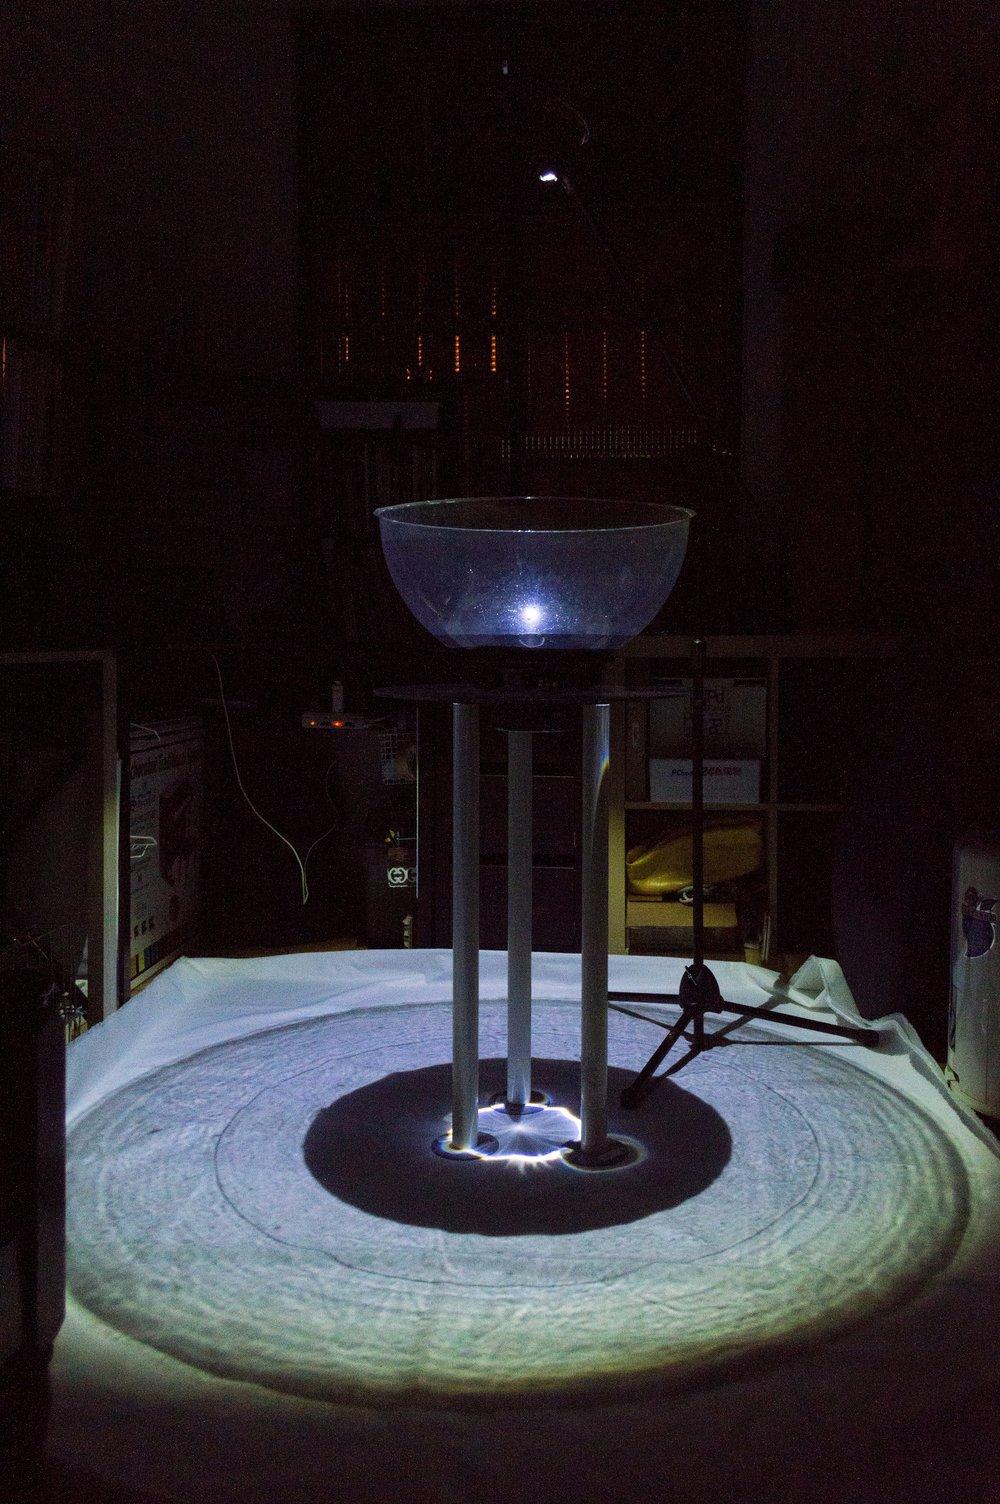 《觸》(2017-) - 以表演性質之裝置體現音樂性是此作品的重點。音流學雖然不是新話題,然而將聲音的細微特質轉化成實物震動,能帶動另一層的感官。這些年我致力於研究聲音和物質間互動的可能:運用聲音振動的物理現象,以裝置的形式來闡述音樂。此外,水波紋有著特殊的質地,並且能隨著聲響變形。